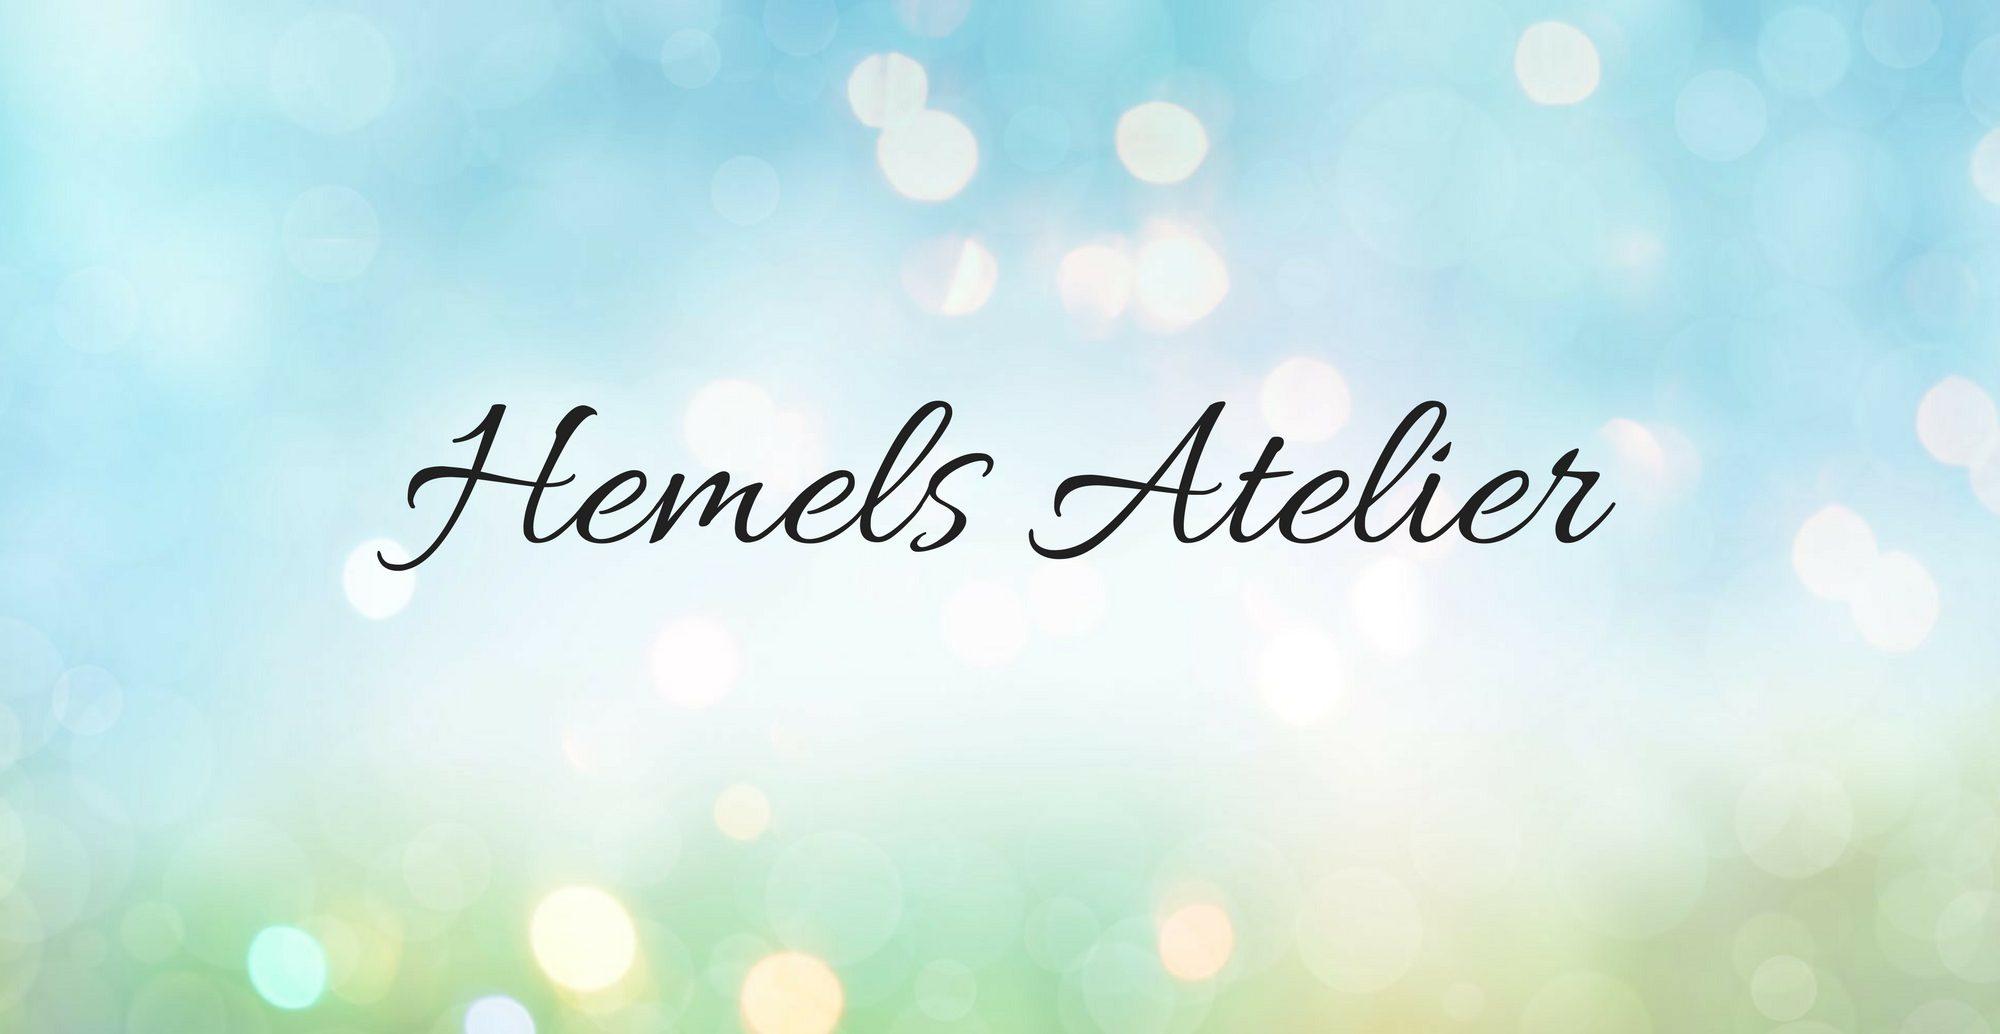 Hemelsatelier.nl